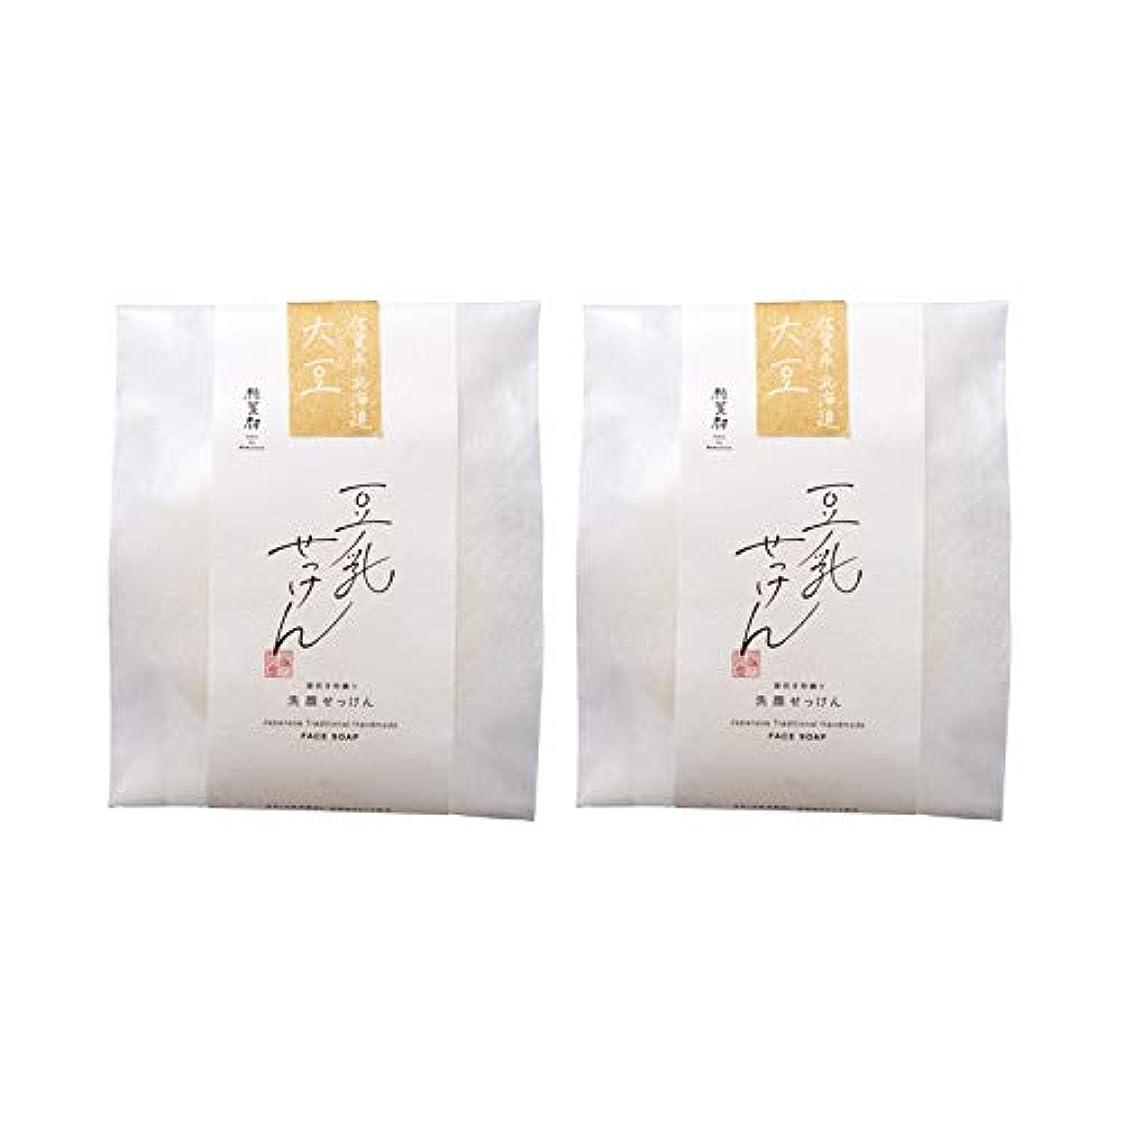 センブランスお酢優先権豆腐の盛田屋 豆乳せっけん 自然生活 100g×2個セット